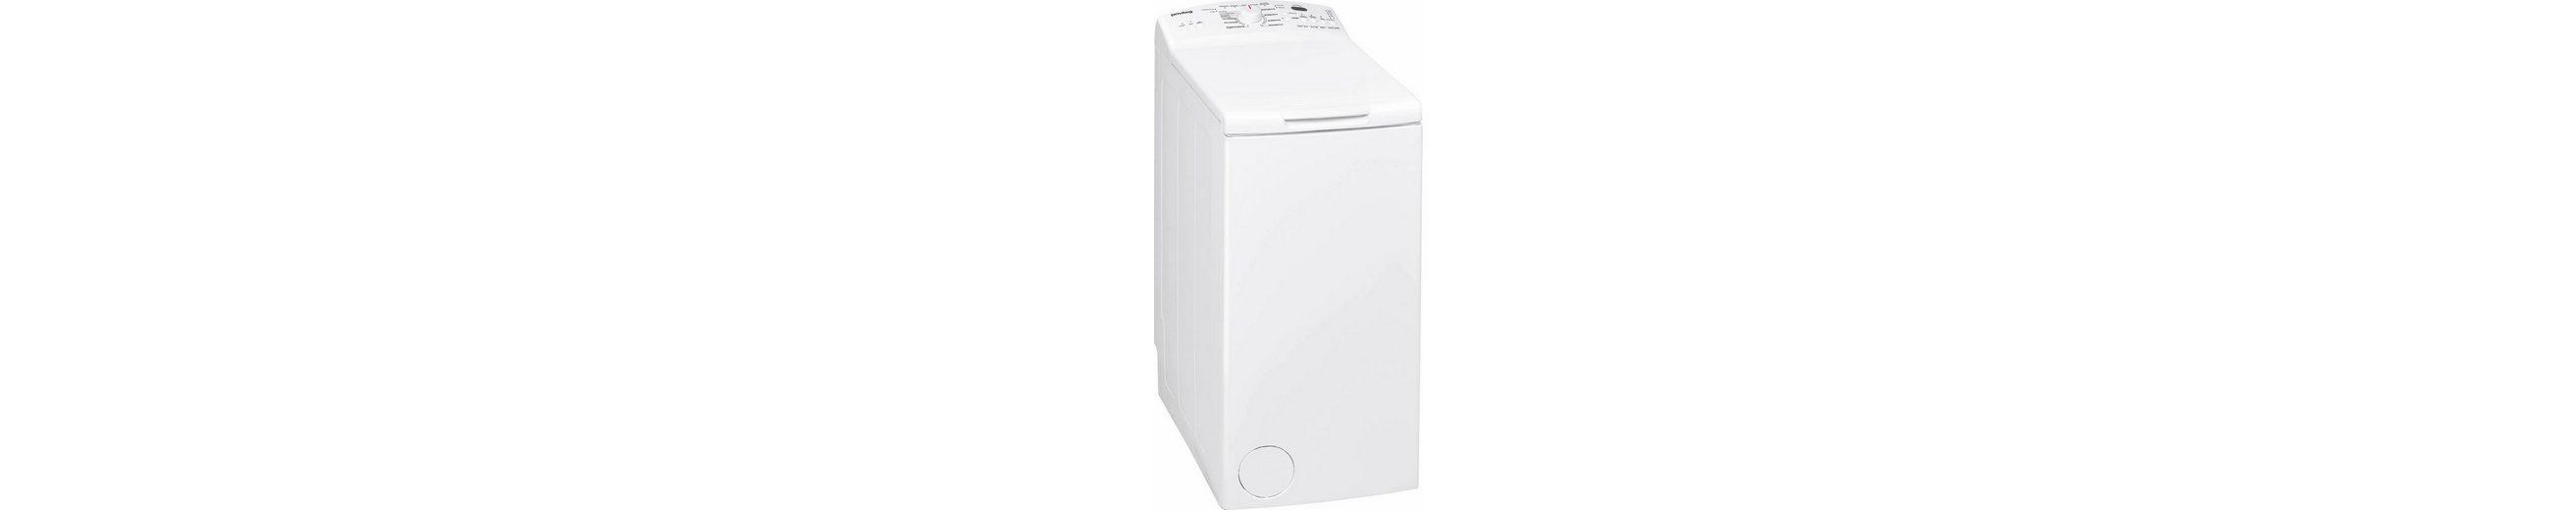 Privileg Waschmaschine Toplader PWT 612, A++, 6 kg, 1200 U/Min